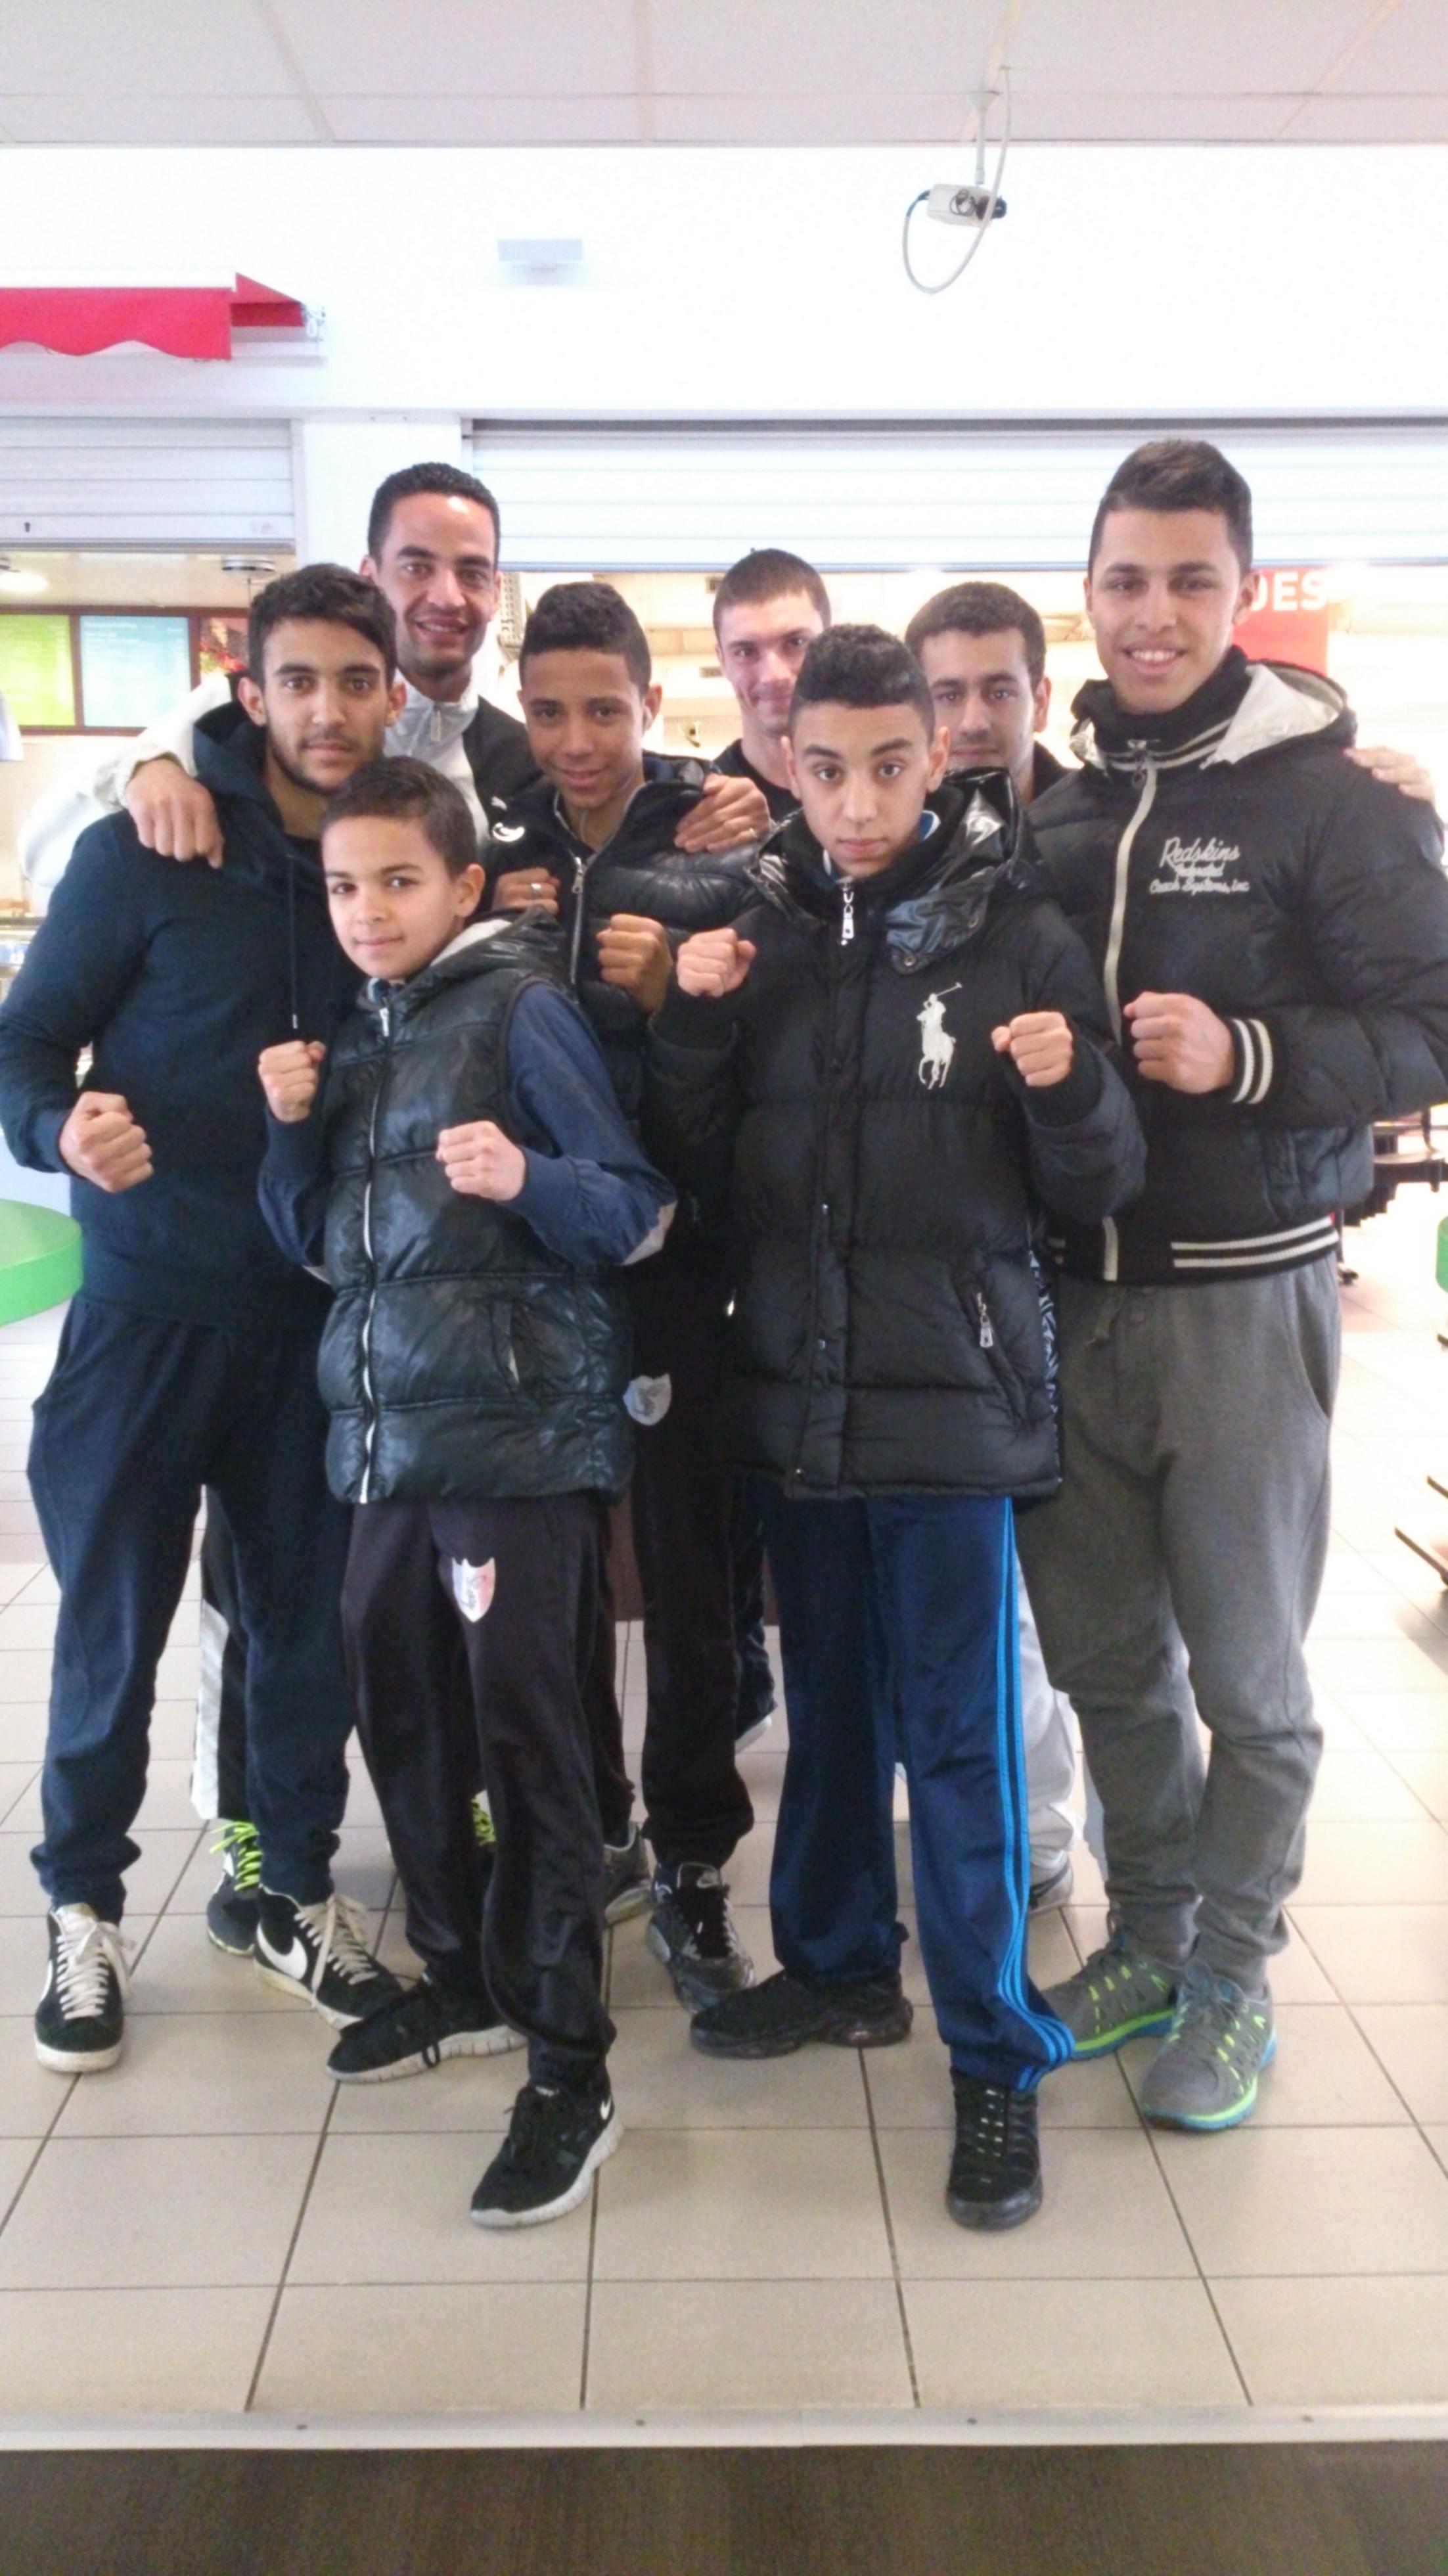 4 athlètes sélectionnés au Championnat de France de Kick-Boxing CNKB 2014